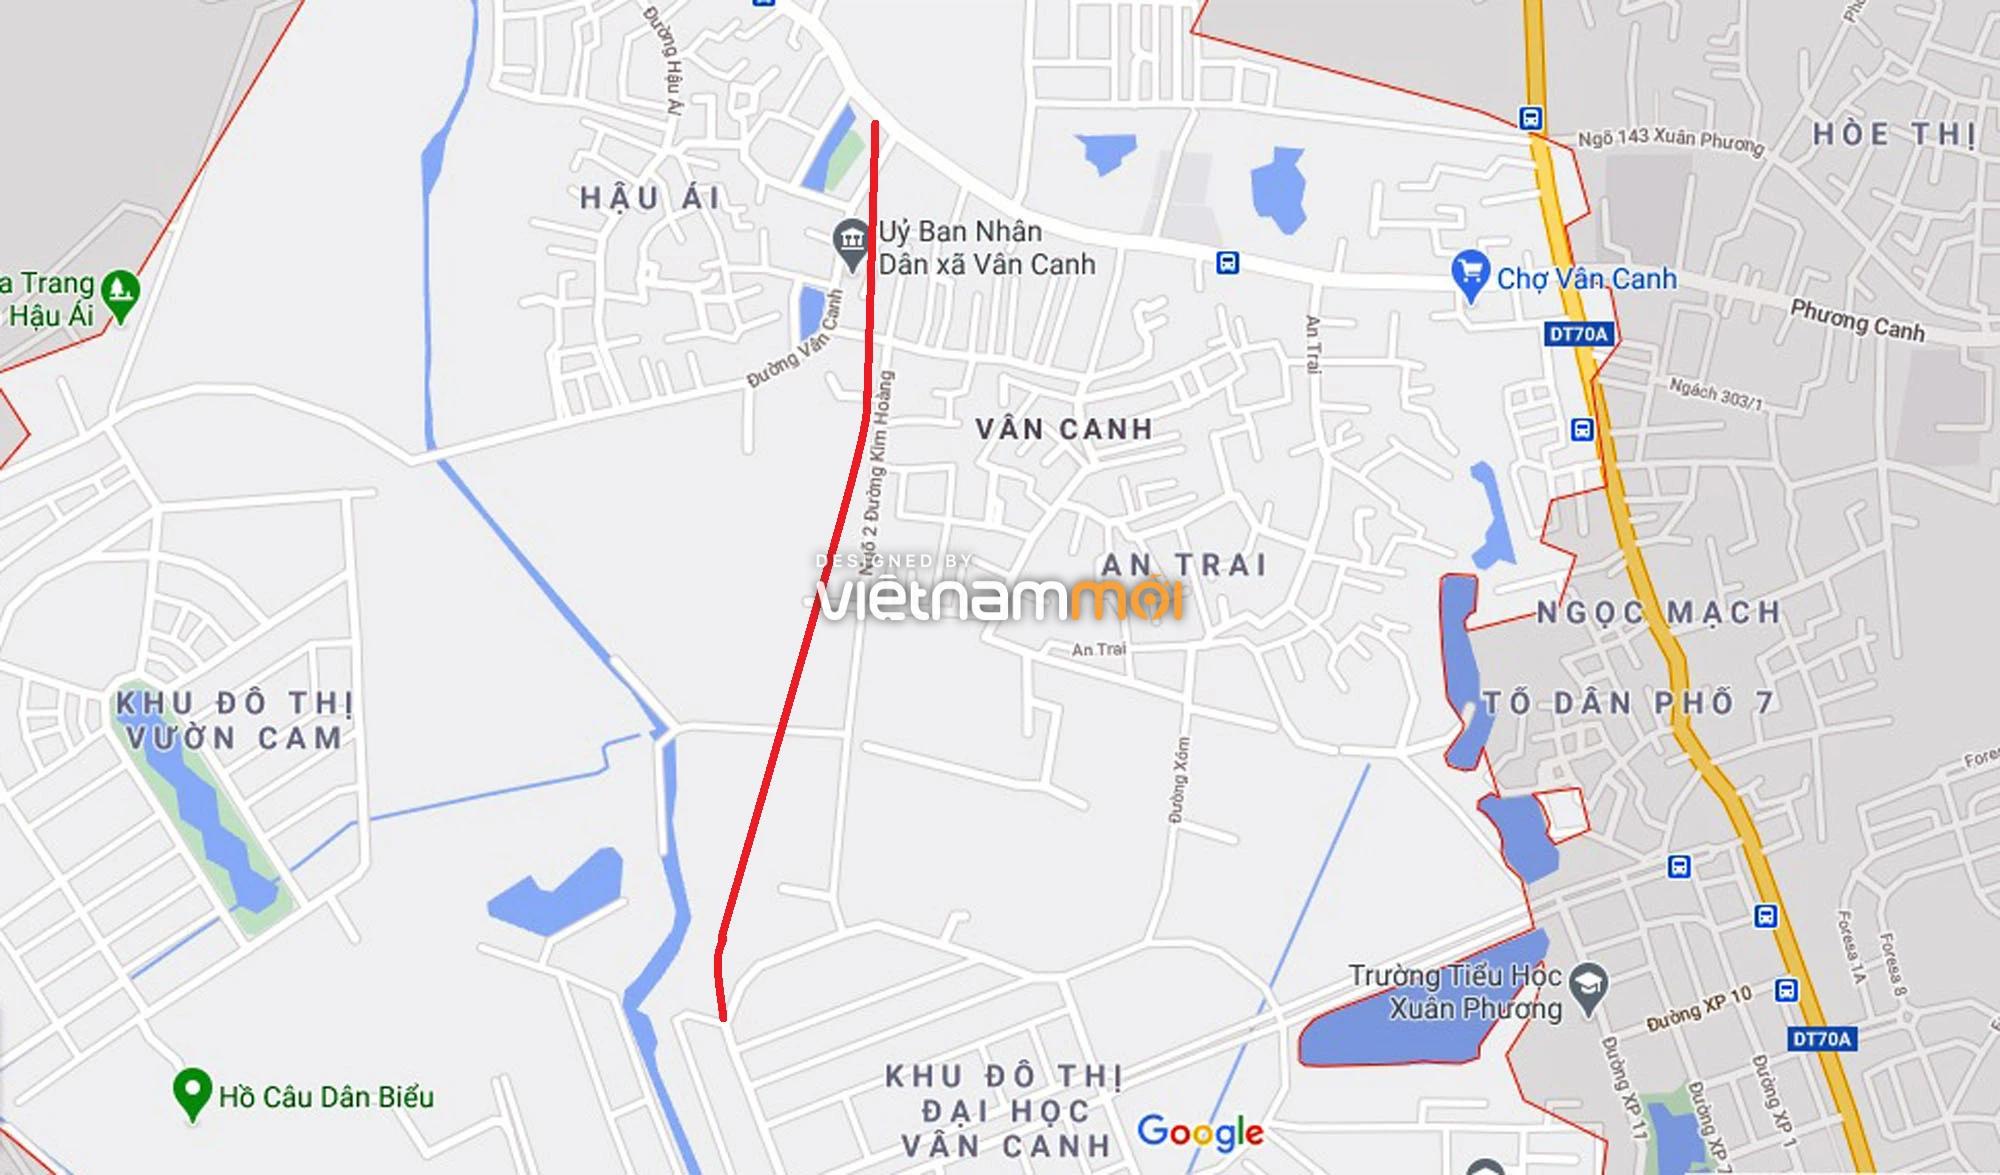 Đường sẽ mở theo quy hoạch ở xã Vân Canh, Hoài Đức, Hà Nội (phần 3) - Ảnh 2.